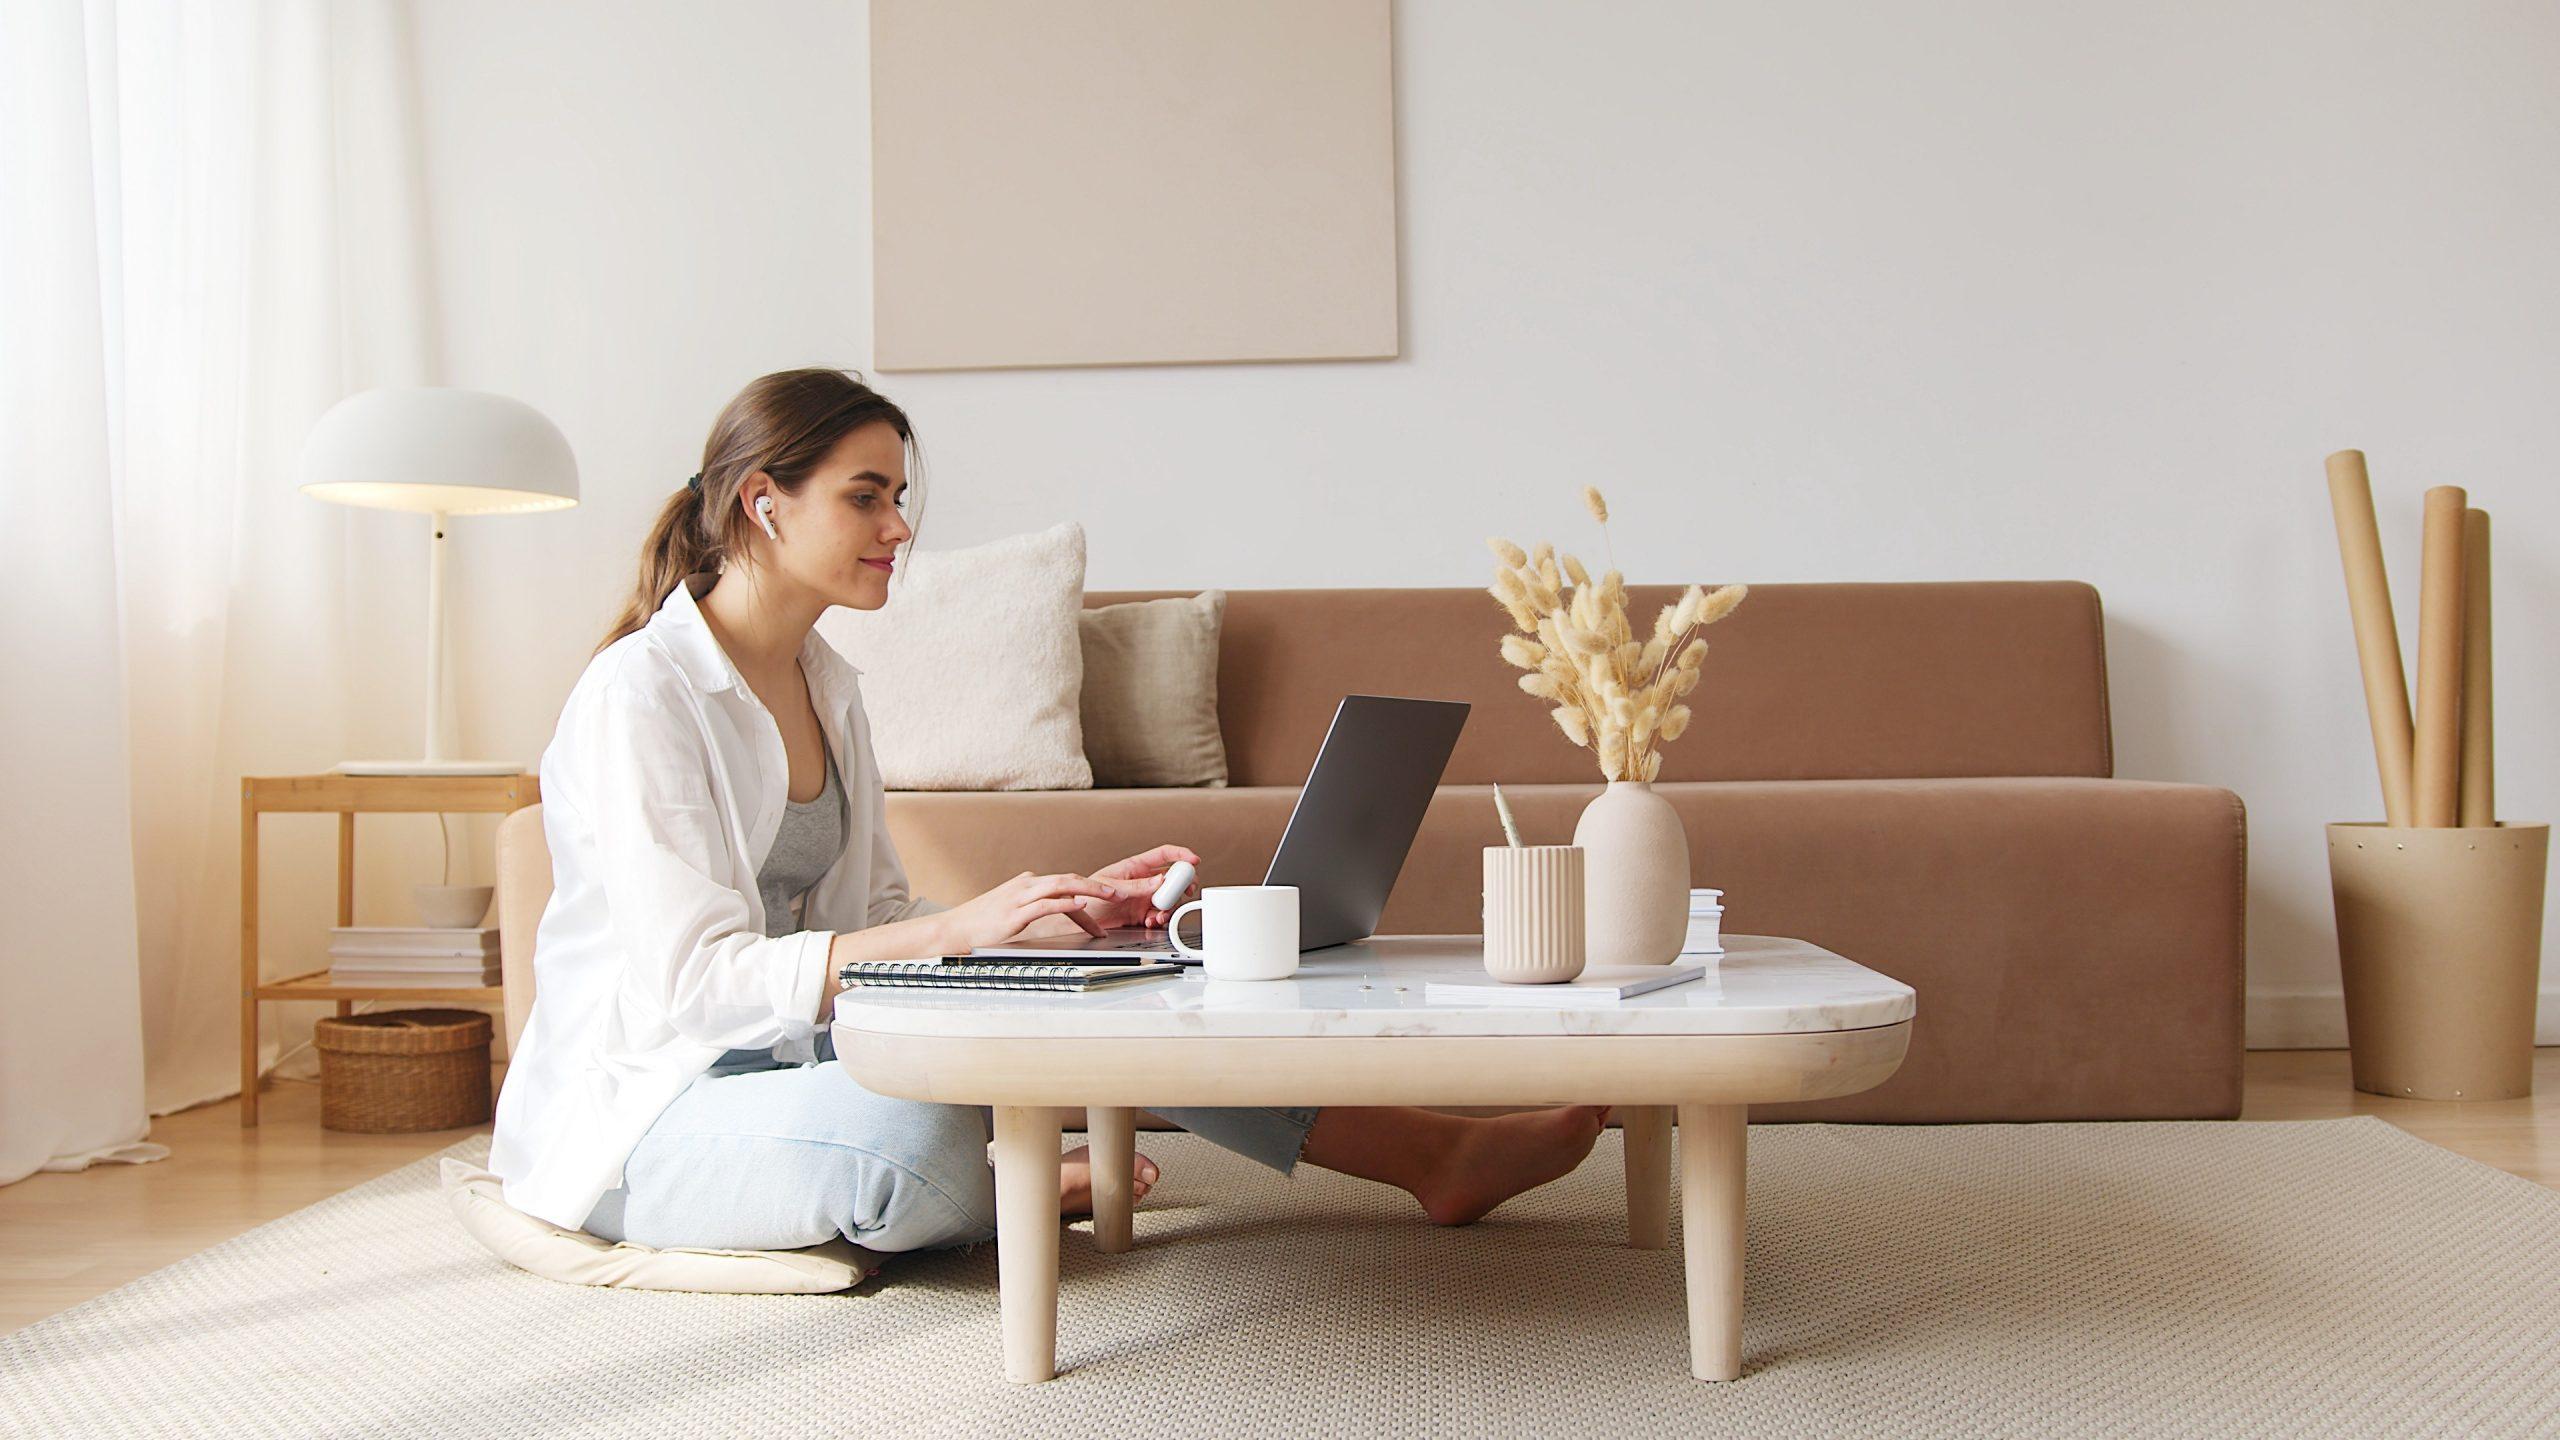 Imagem de uma mulher fazendo um curso online.